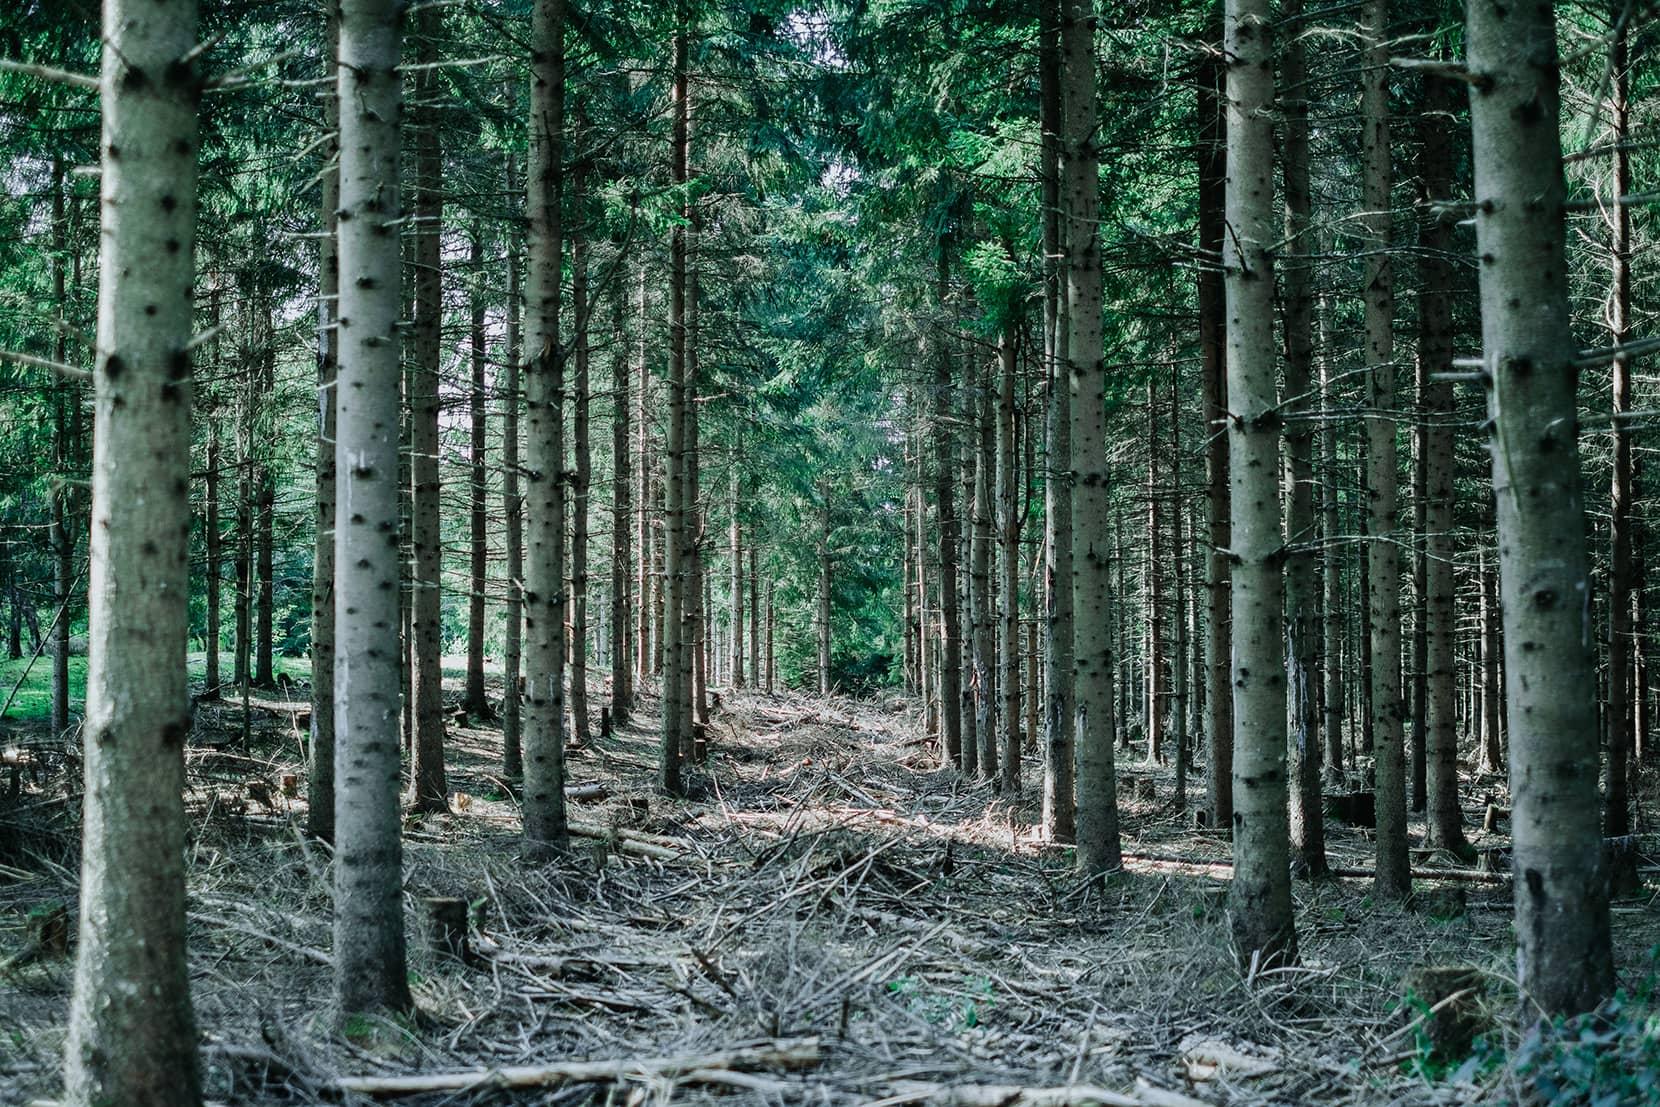 Laforêt - Entretien de plantation et élagage des arbres